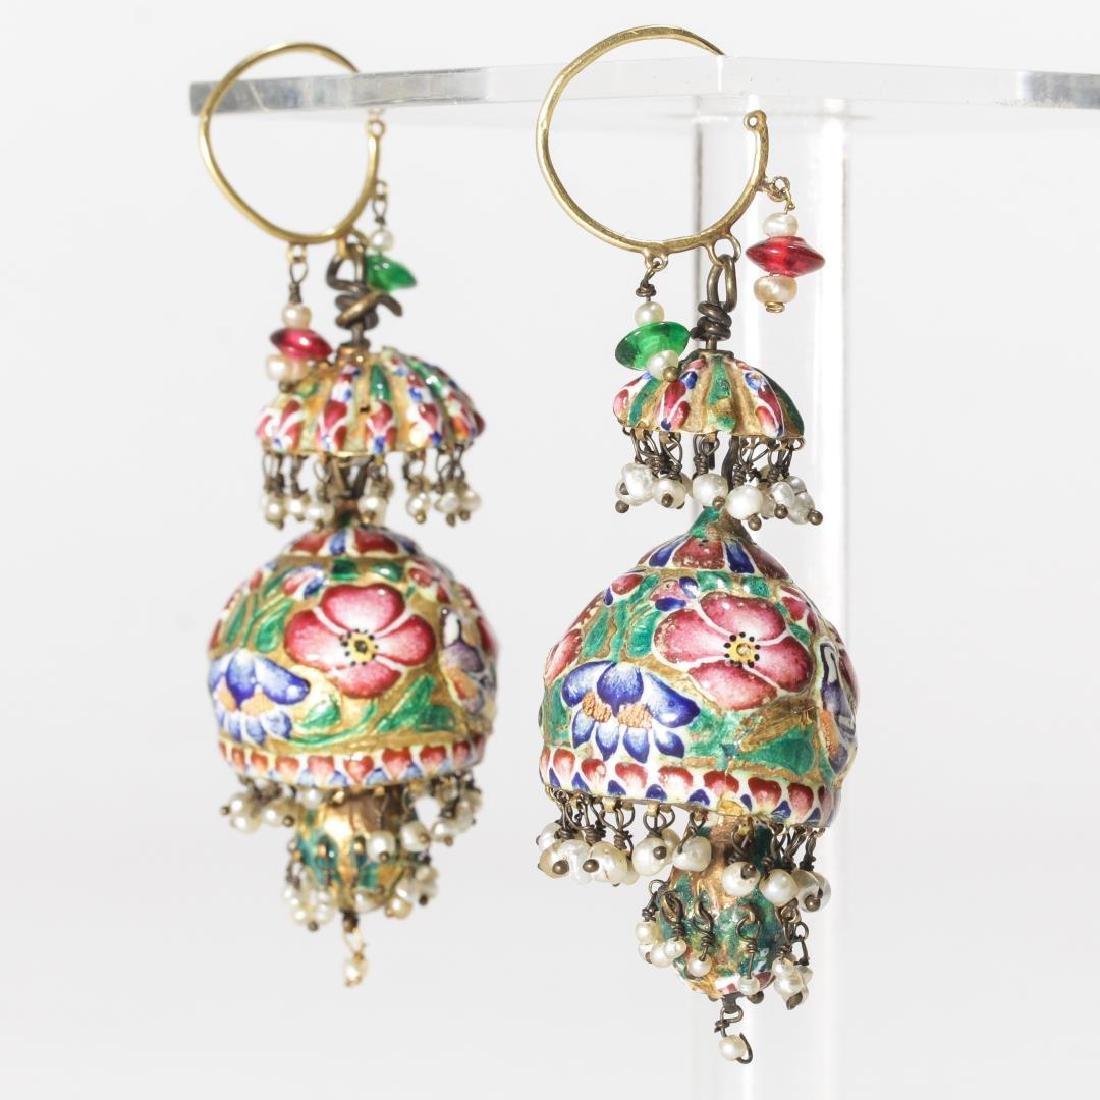 18K Gold Qajari Persian Enameled Earrings, Antique - 4